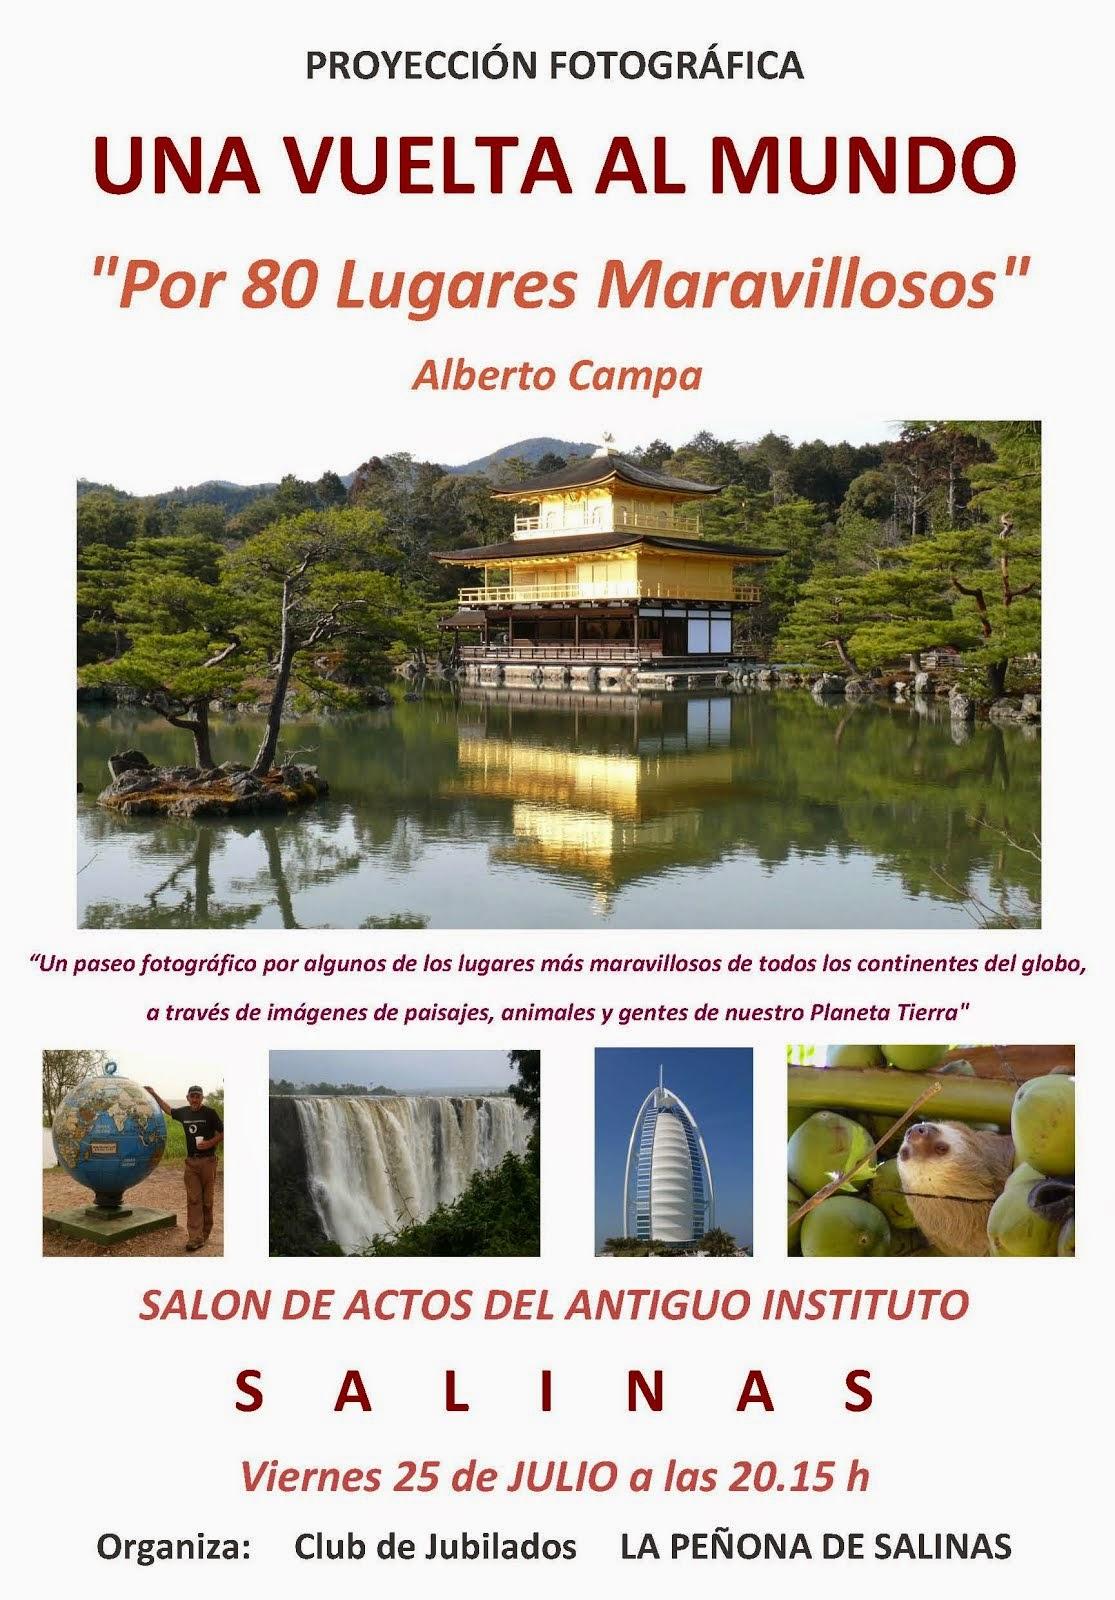 UNA VUELTA POR 80 LUGARES MARAVILLOSOS